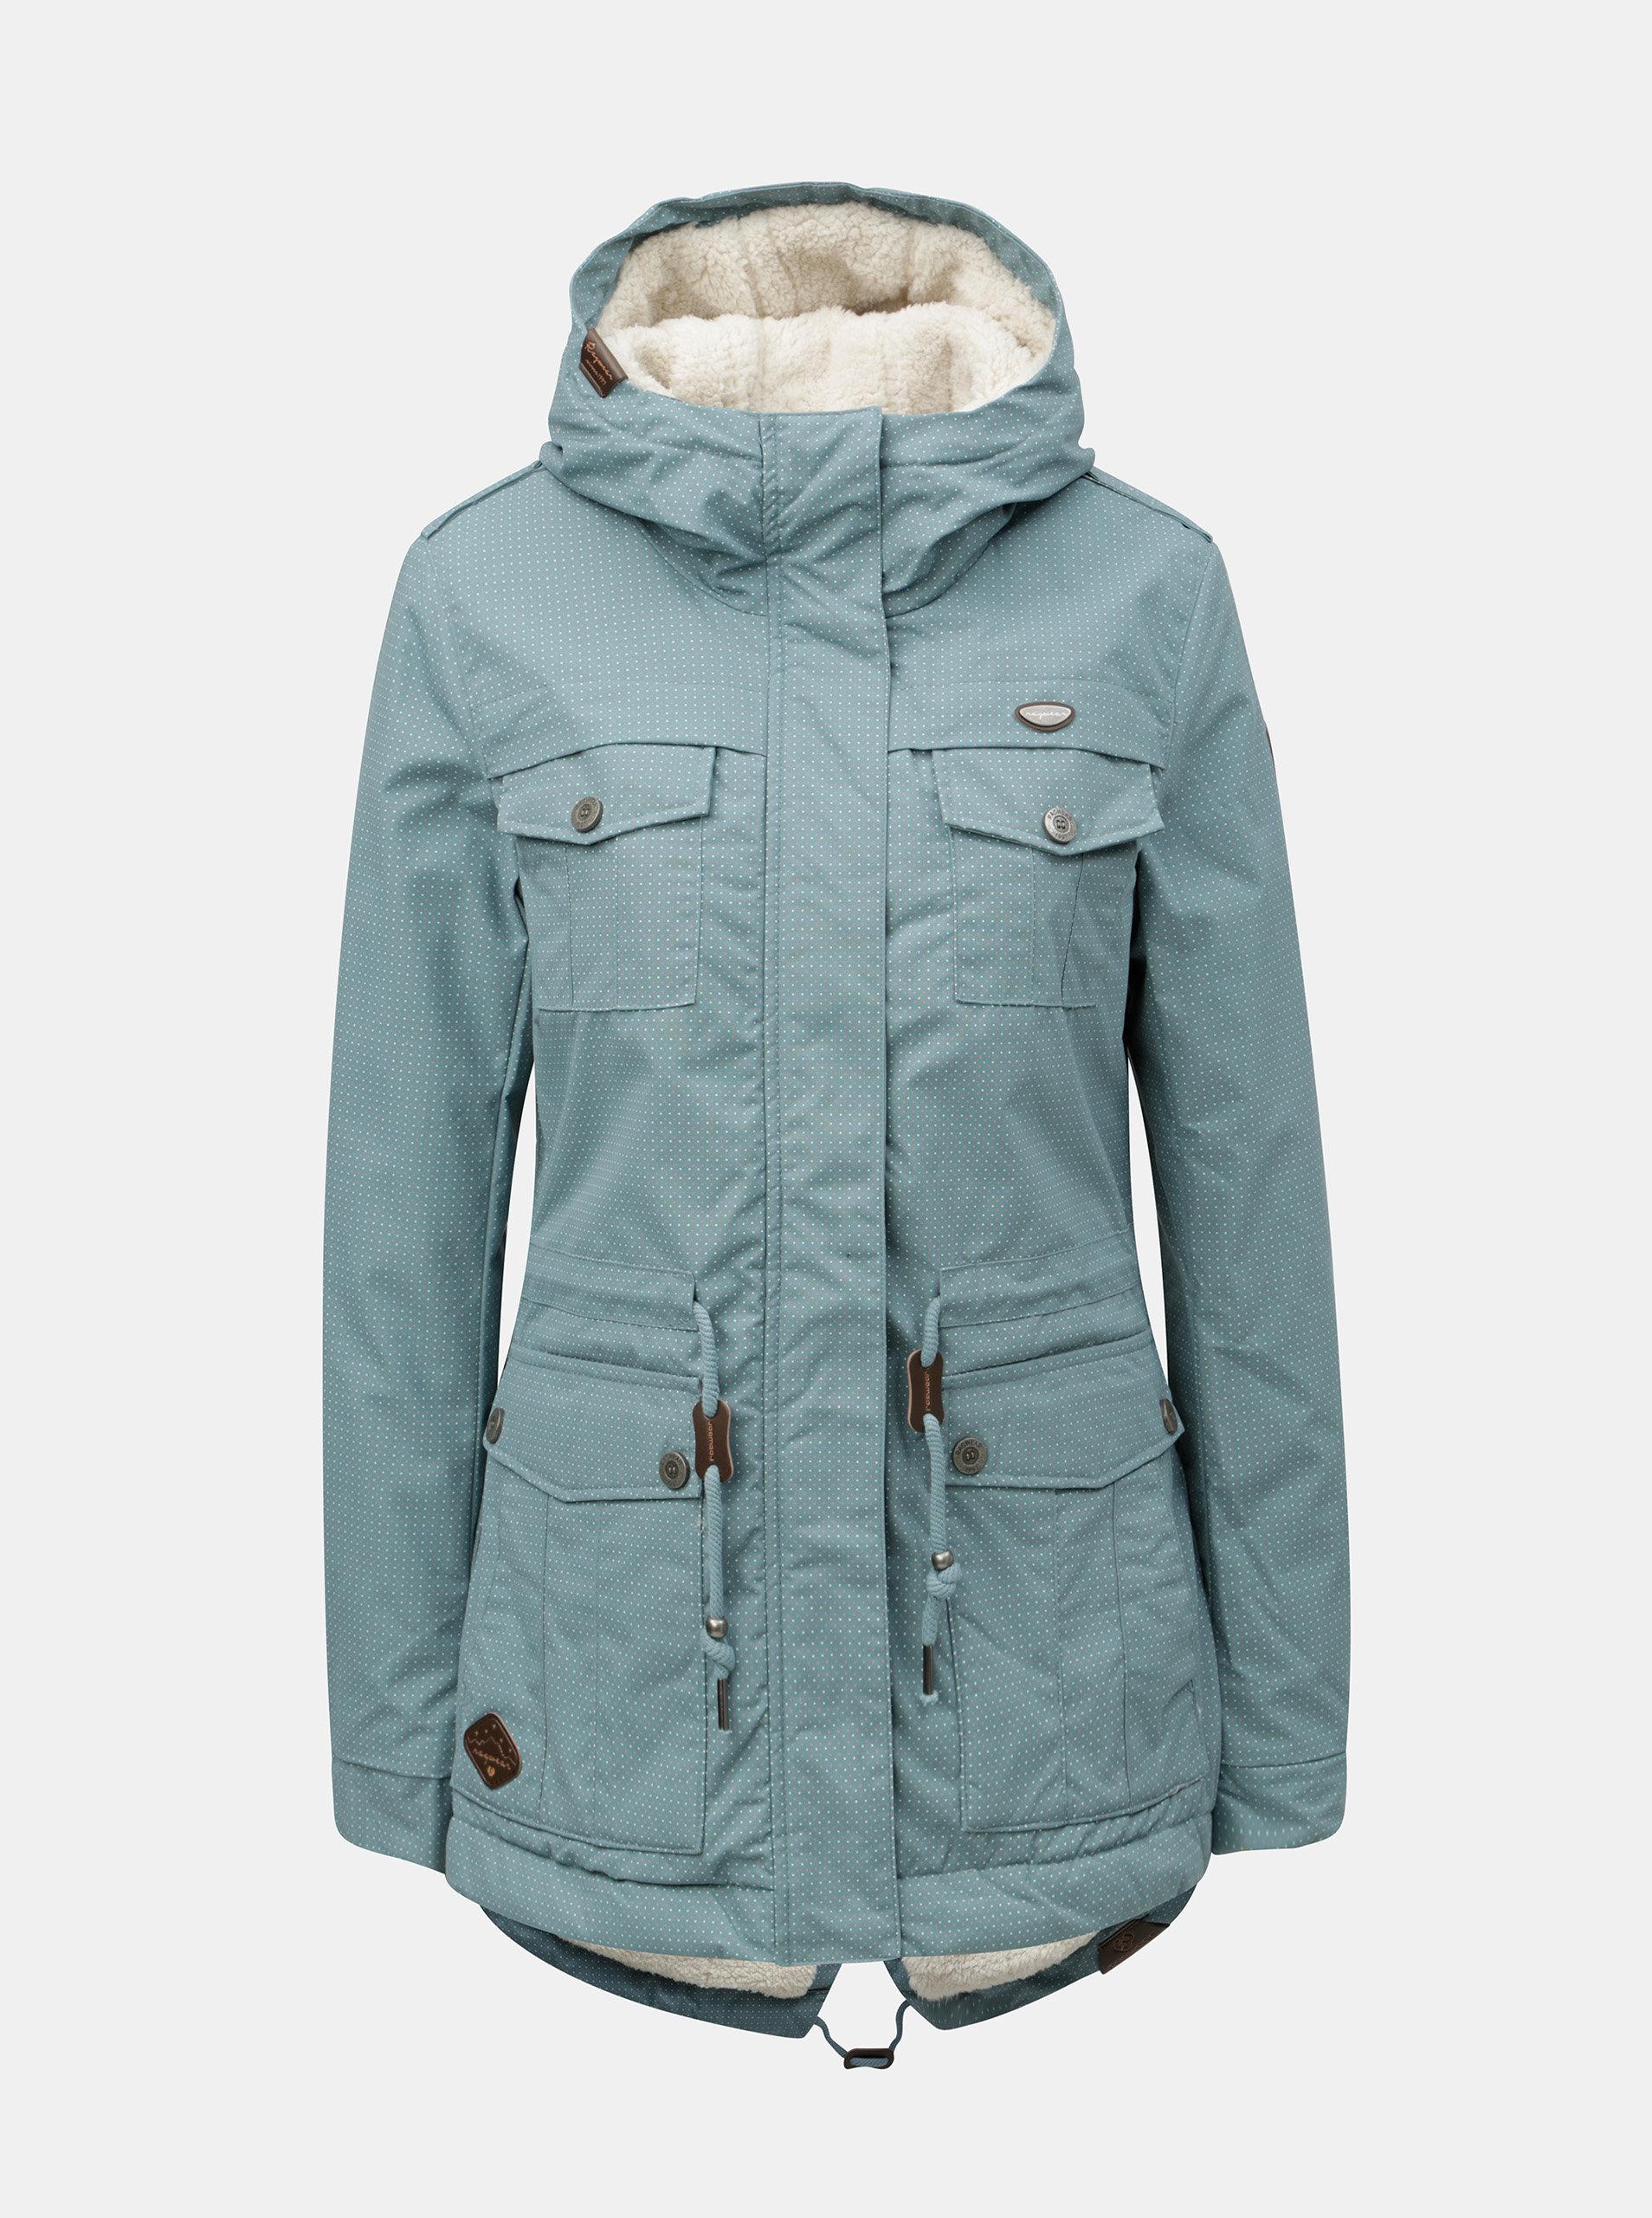 Modrá dámska zimná parka s kapucňou Ragwear ... b366d415052